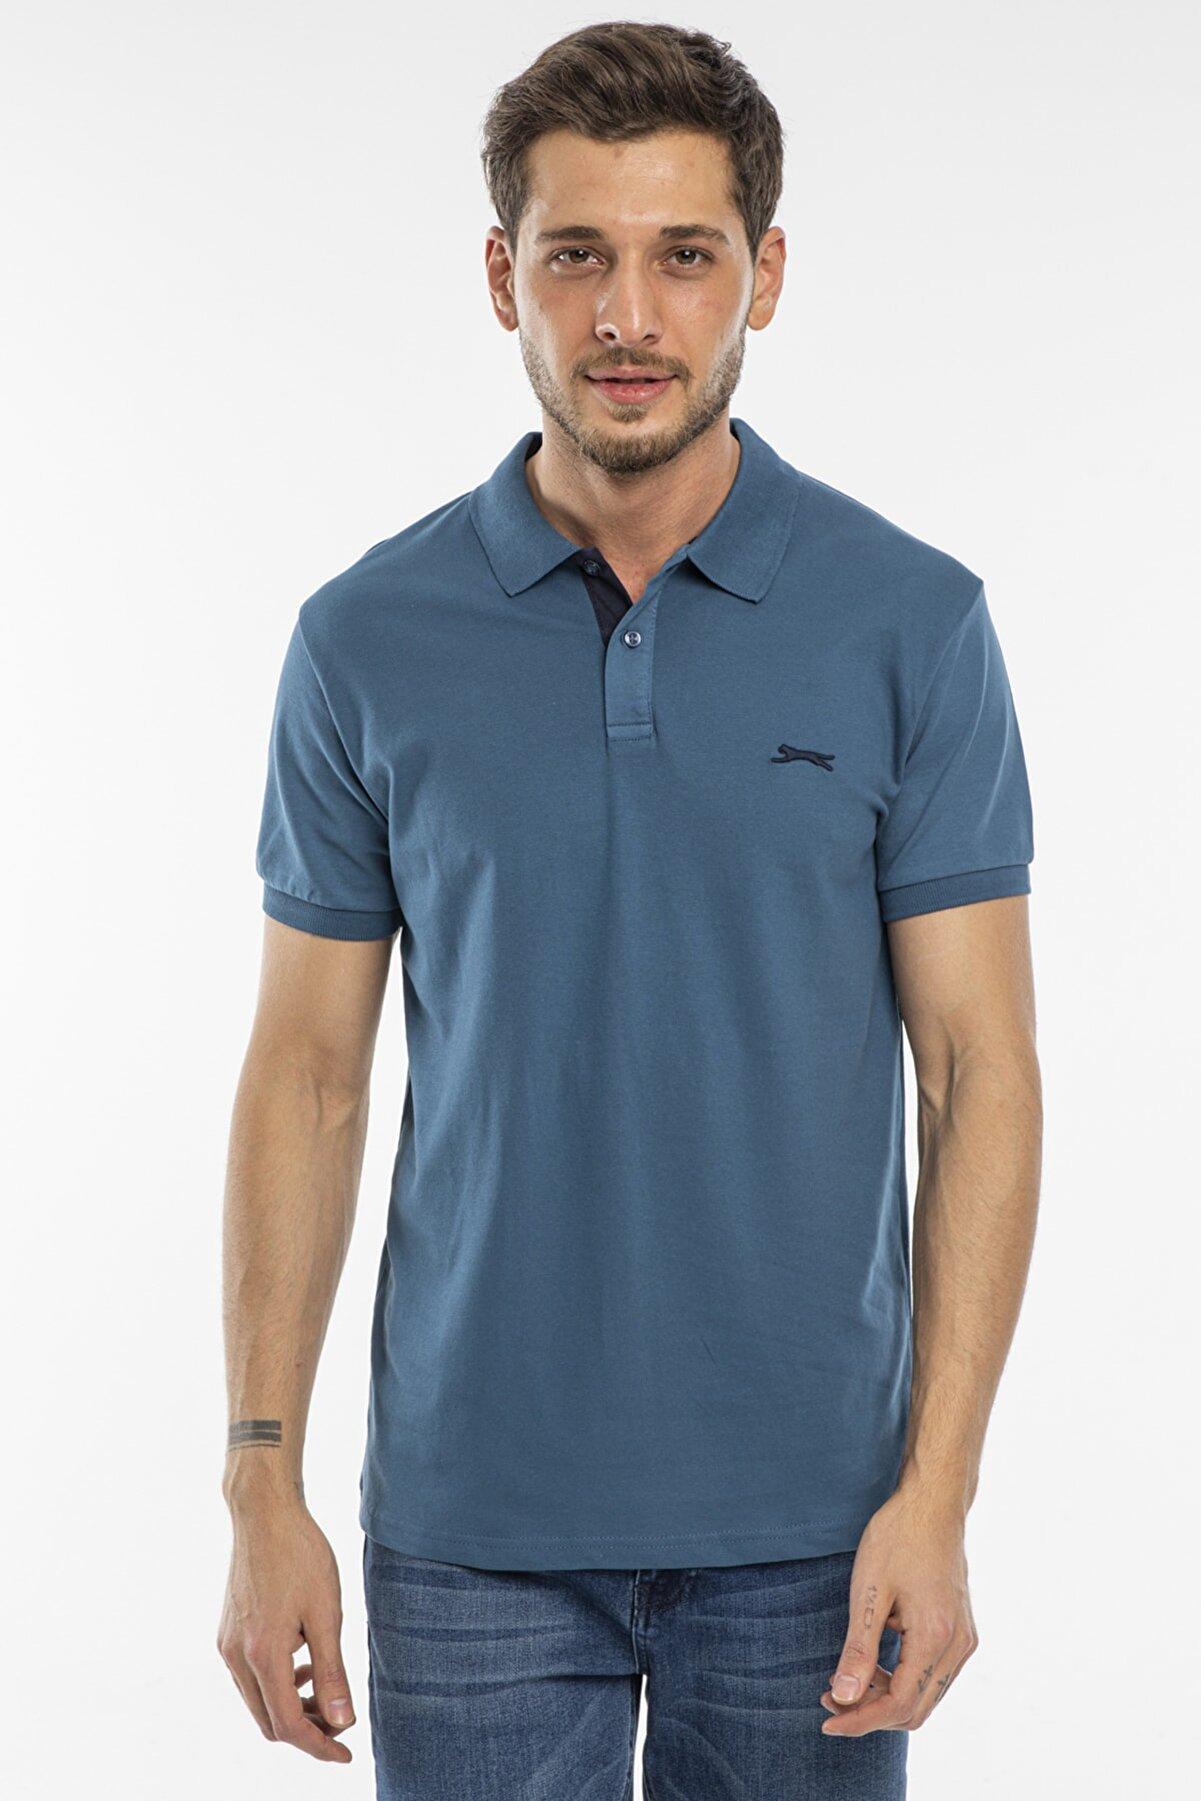 Slazenger Bambı Erkek T-shirt Indigo St11te100